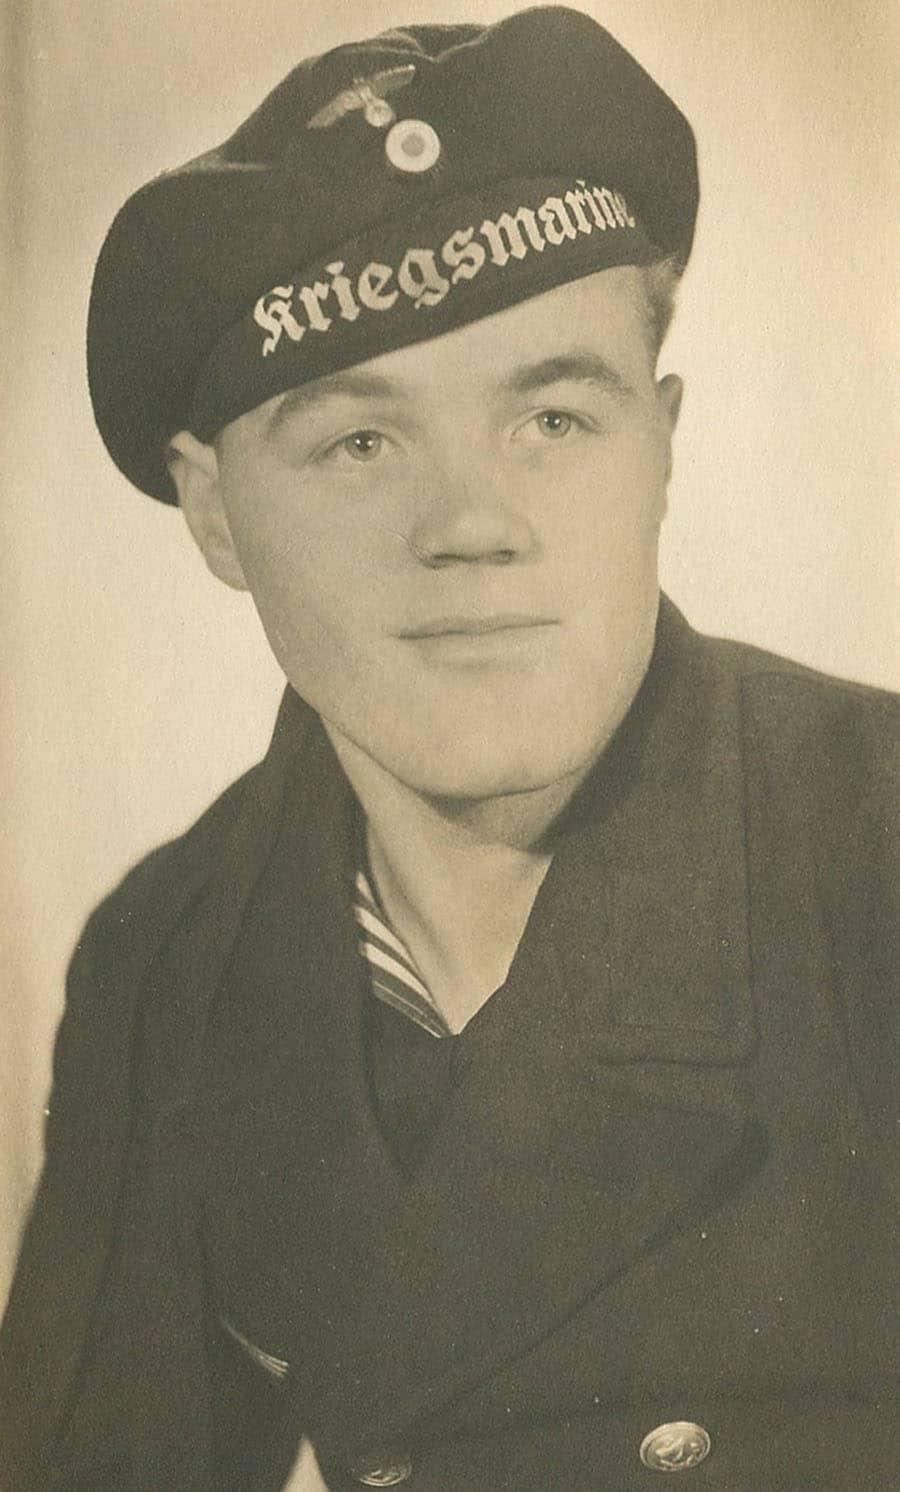 Nach dem 2. Weltkrieg war Jochen Burnus als Bergungstaucher im Hamburger Hafen tätig. Er wurde 1949 der 2. Besitzer der Köneke-Radiomir. (Foto: Jochen Burnus)